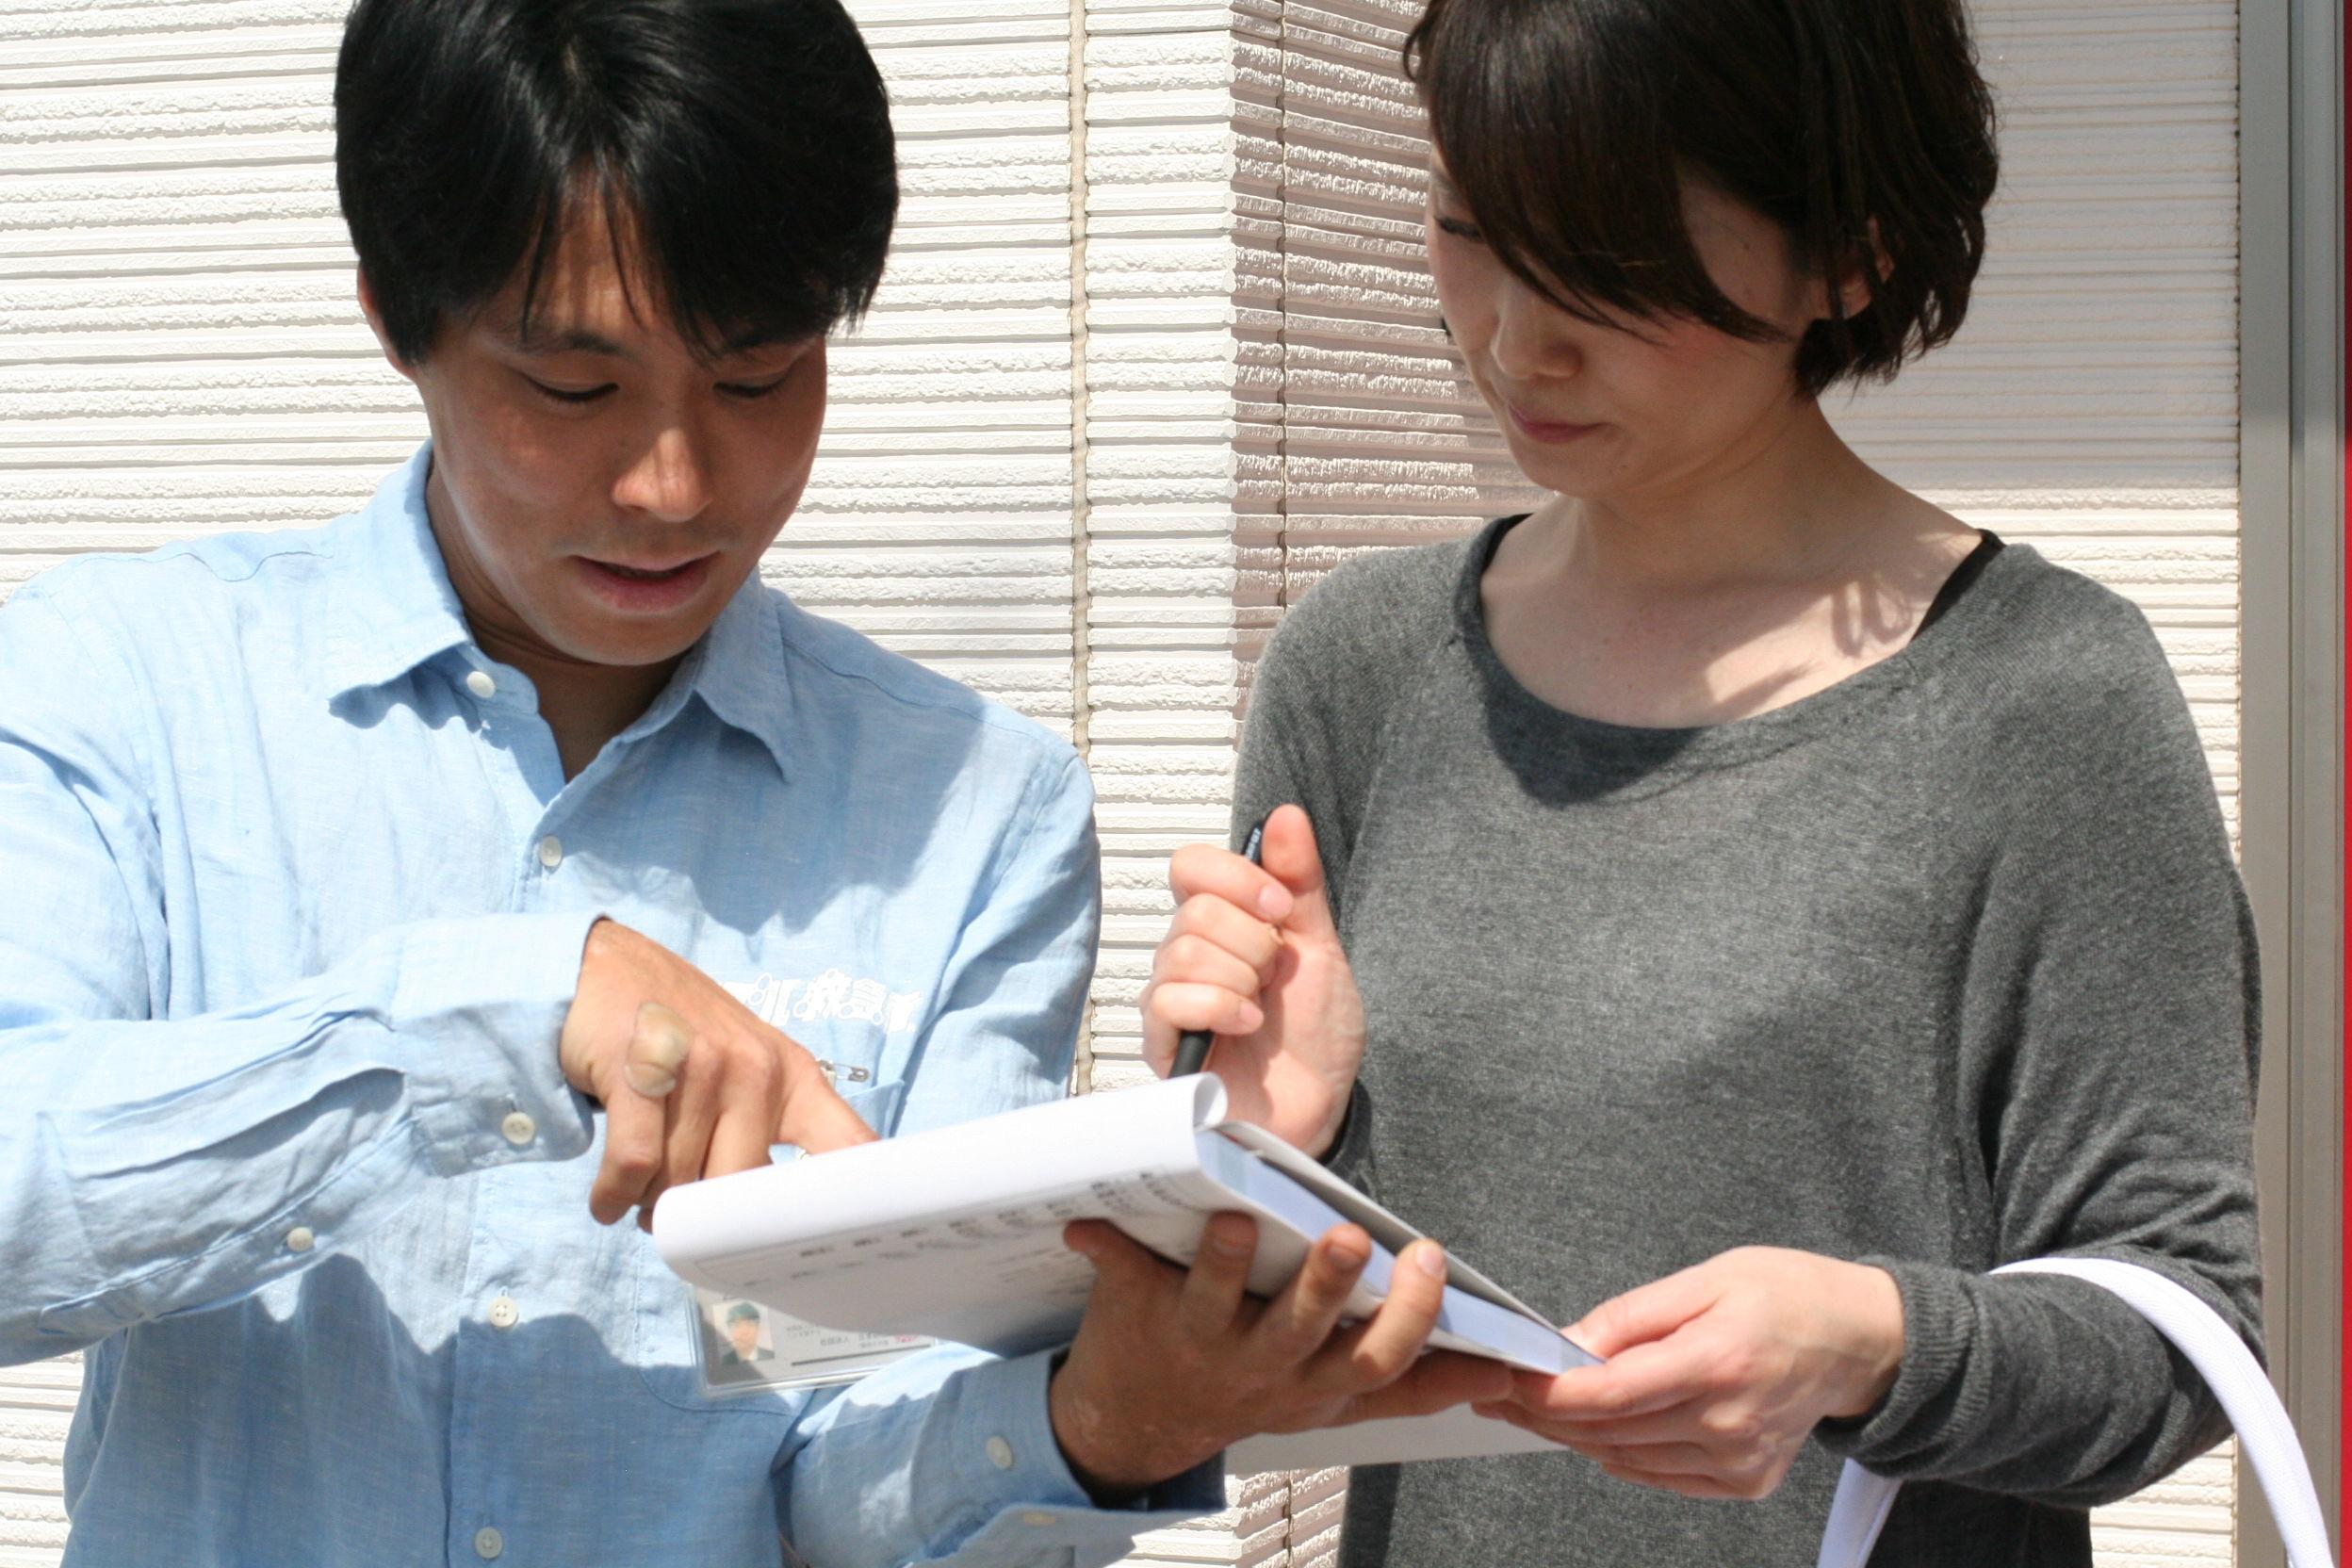 鍵のトラブル救急車【勝浦市 出張エリア】のメイン画像